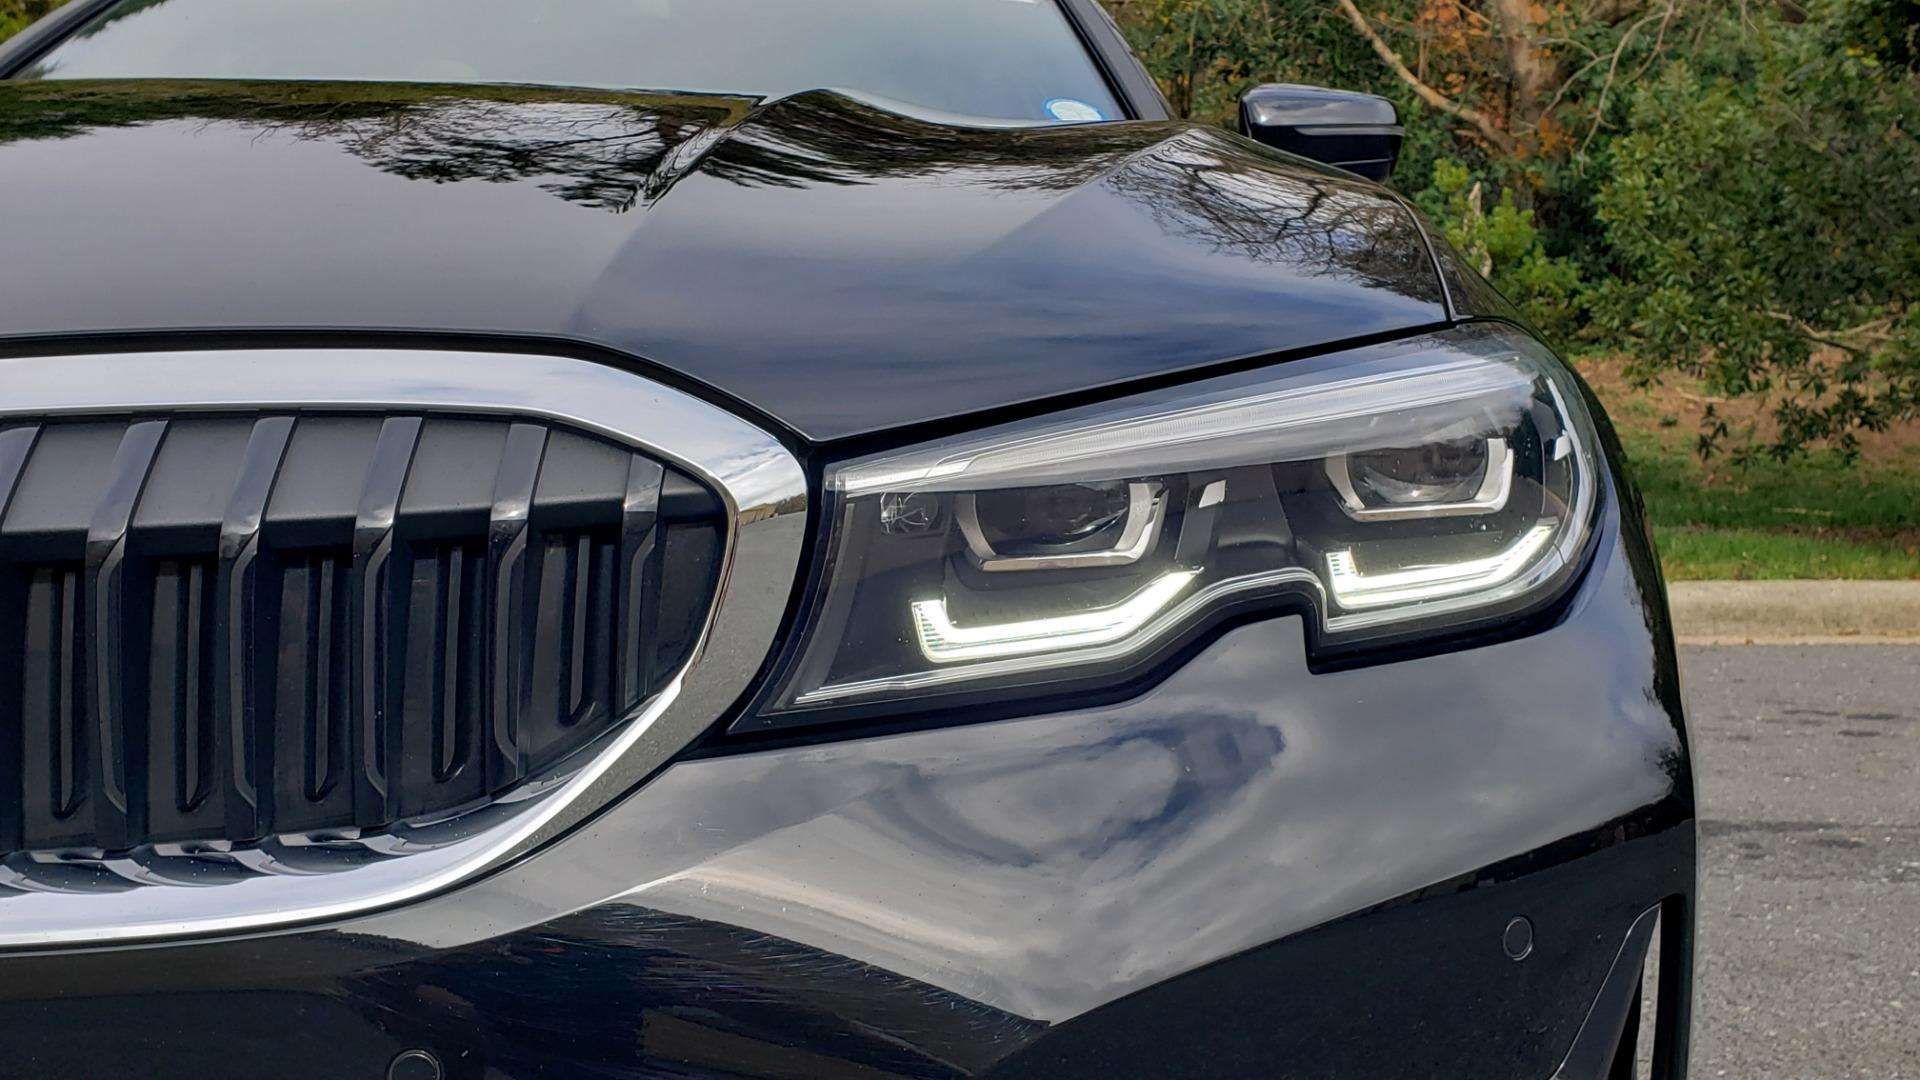 Used 2019 BMW 3 SERIES 330I PREM PKG / NAV / CONV PKG / H&K SND / LIVE COCKPIT PRO for sale Sold at Formula Imports in Charlotte NC 28227 20